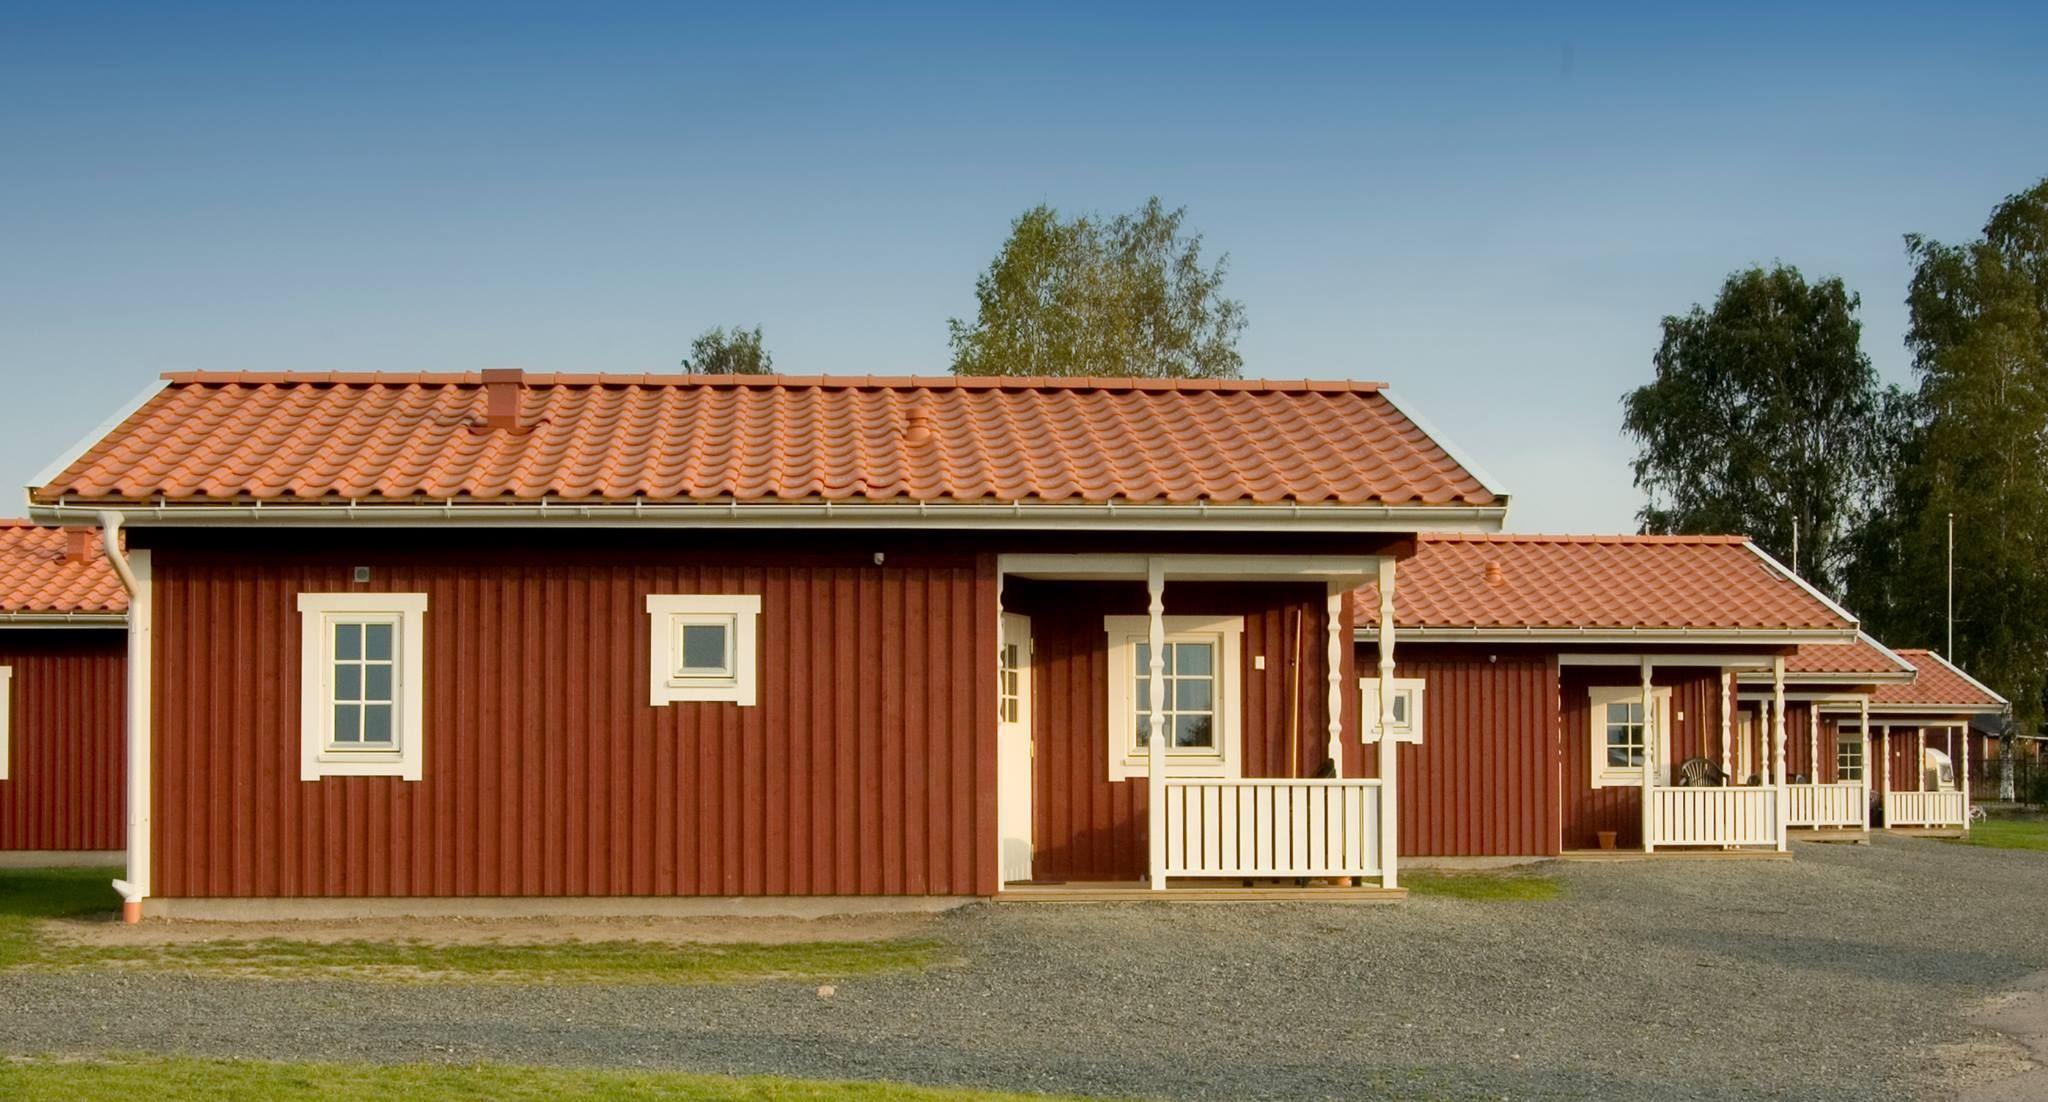 Sunne Camping och Sommarland/Ferienhäuser